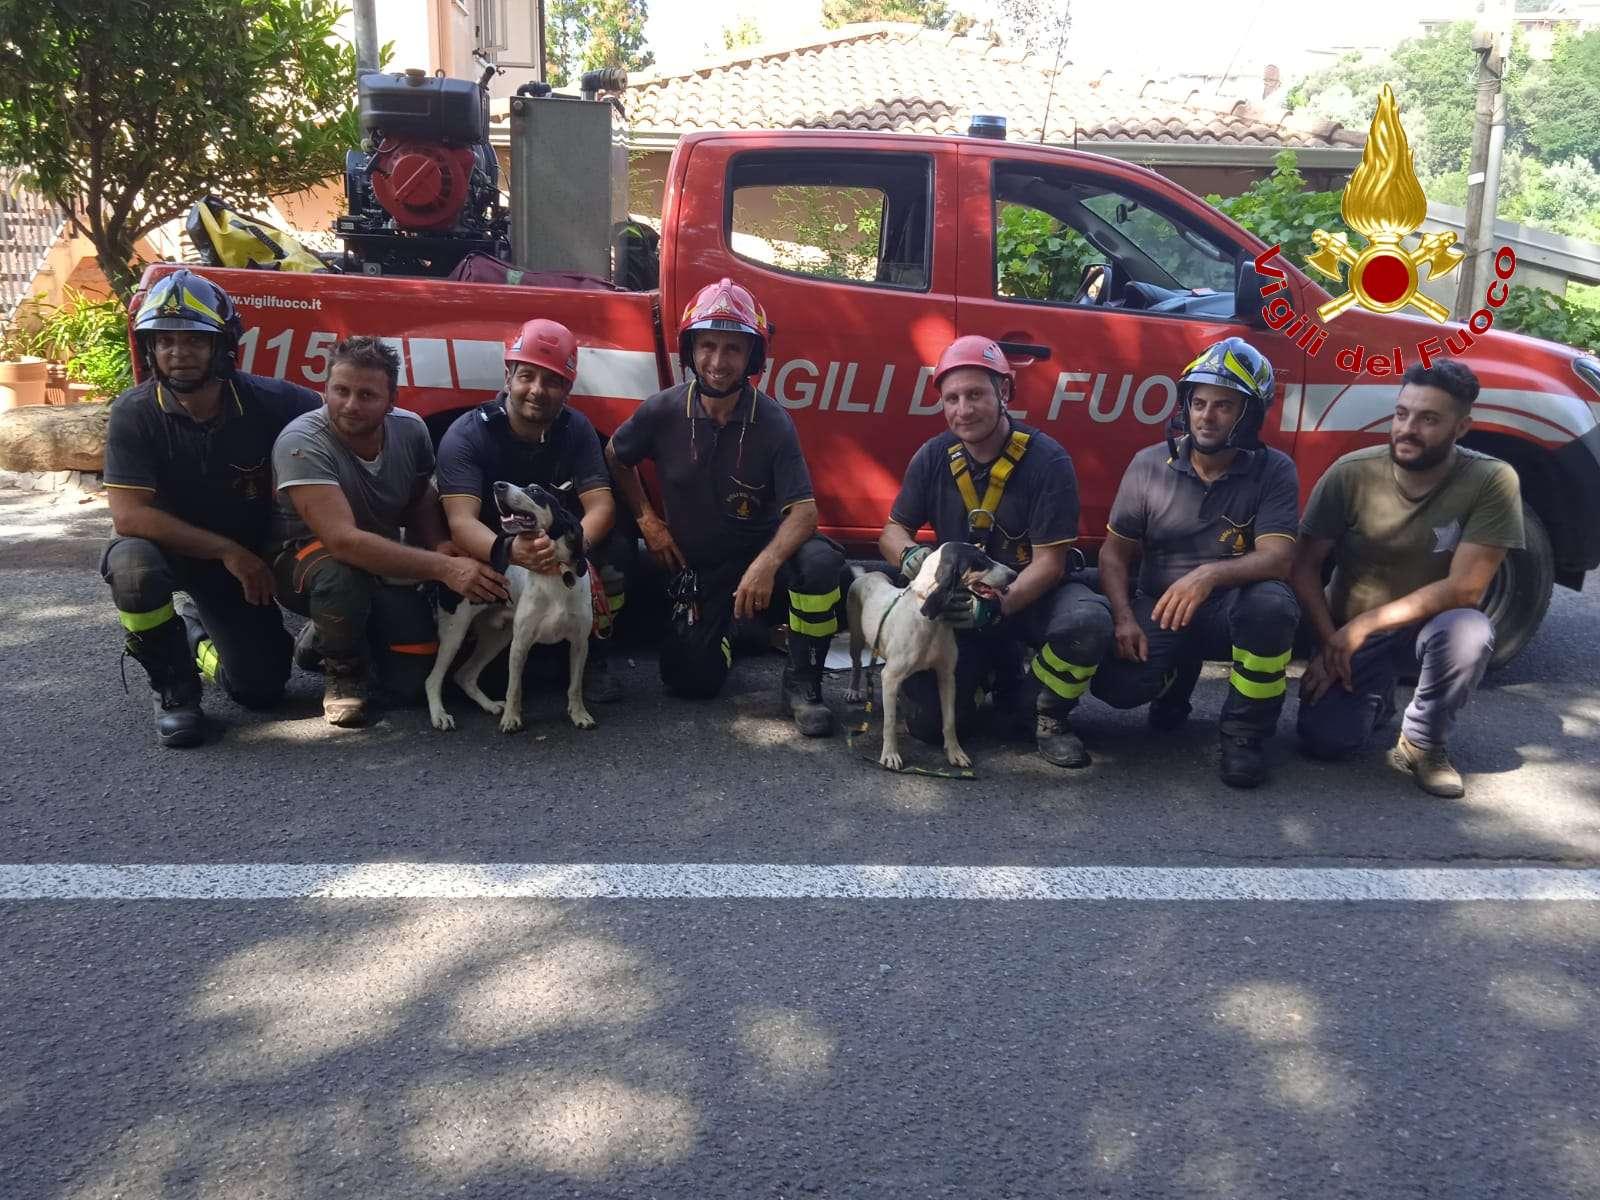 Polia, cani finiscono in un dirupo. Salvataggio dei vigili del fuoco